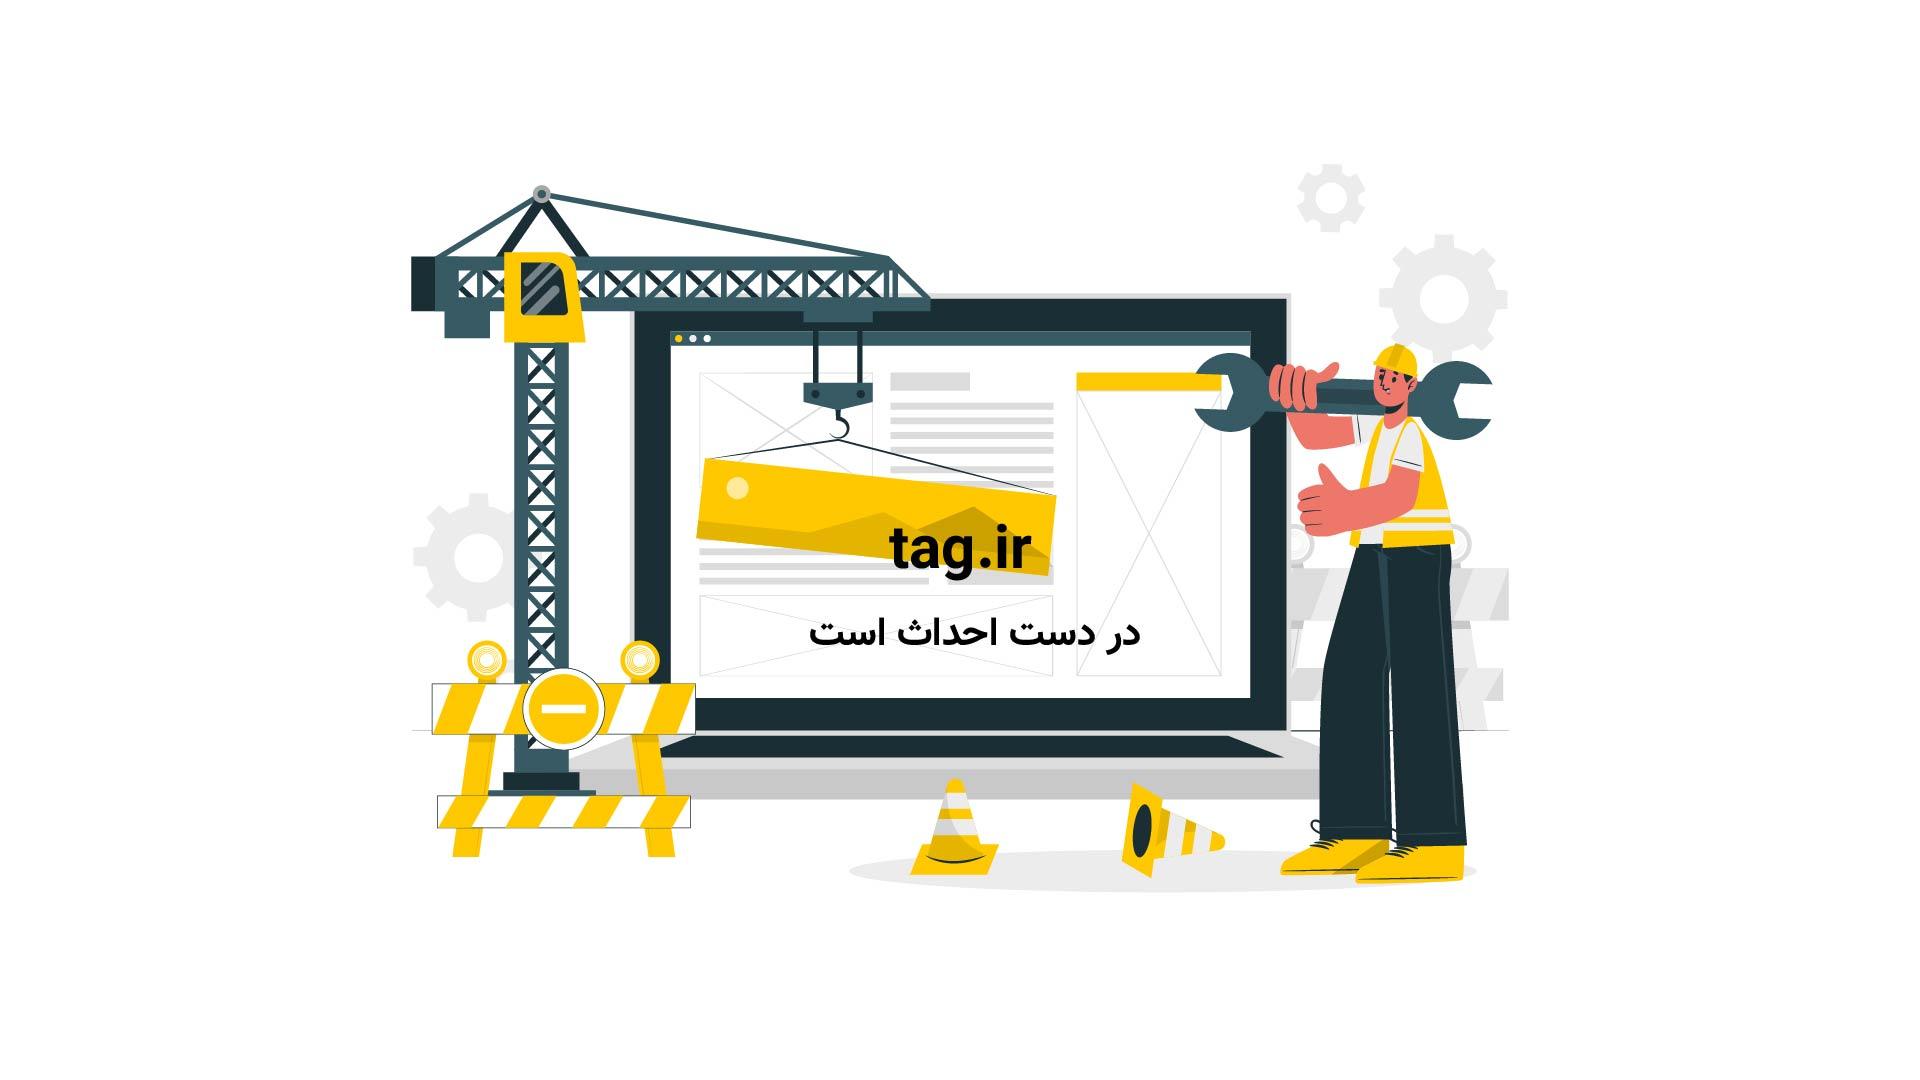 تعقیب و شکار پنگوئن توسط شیر دریایی | فیلم